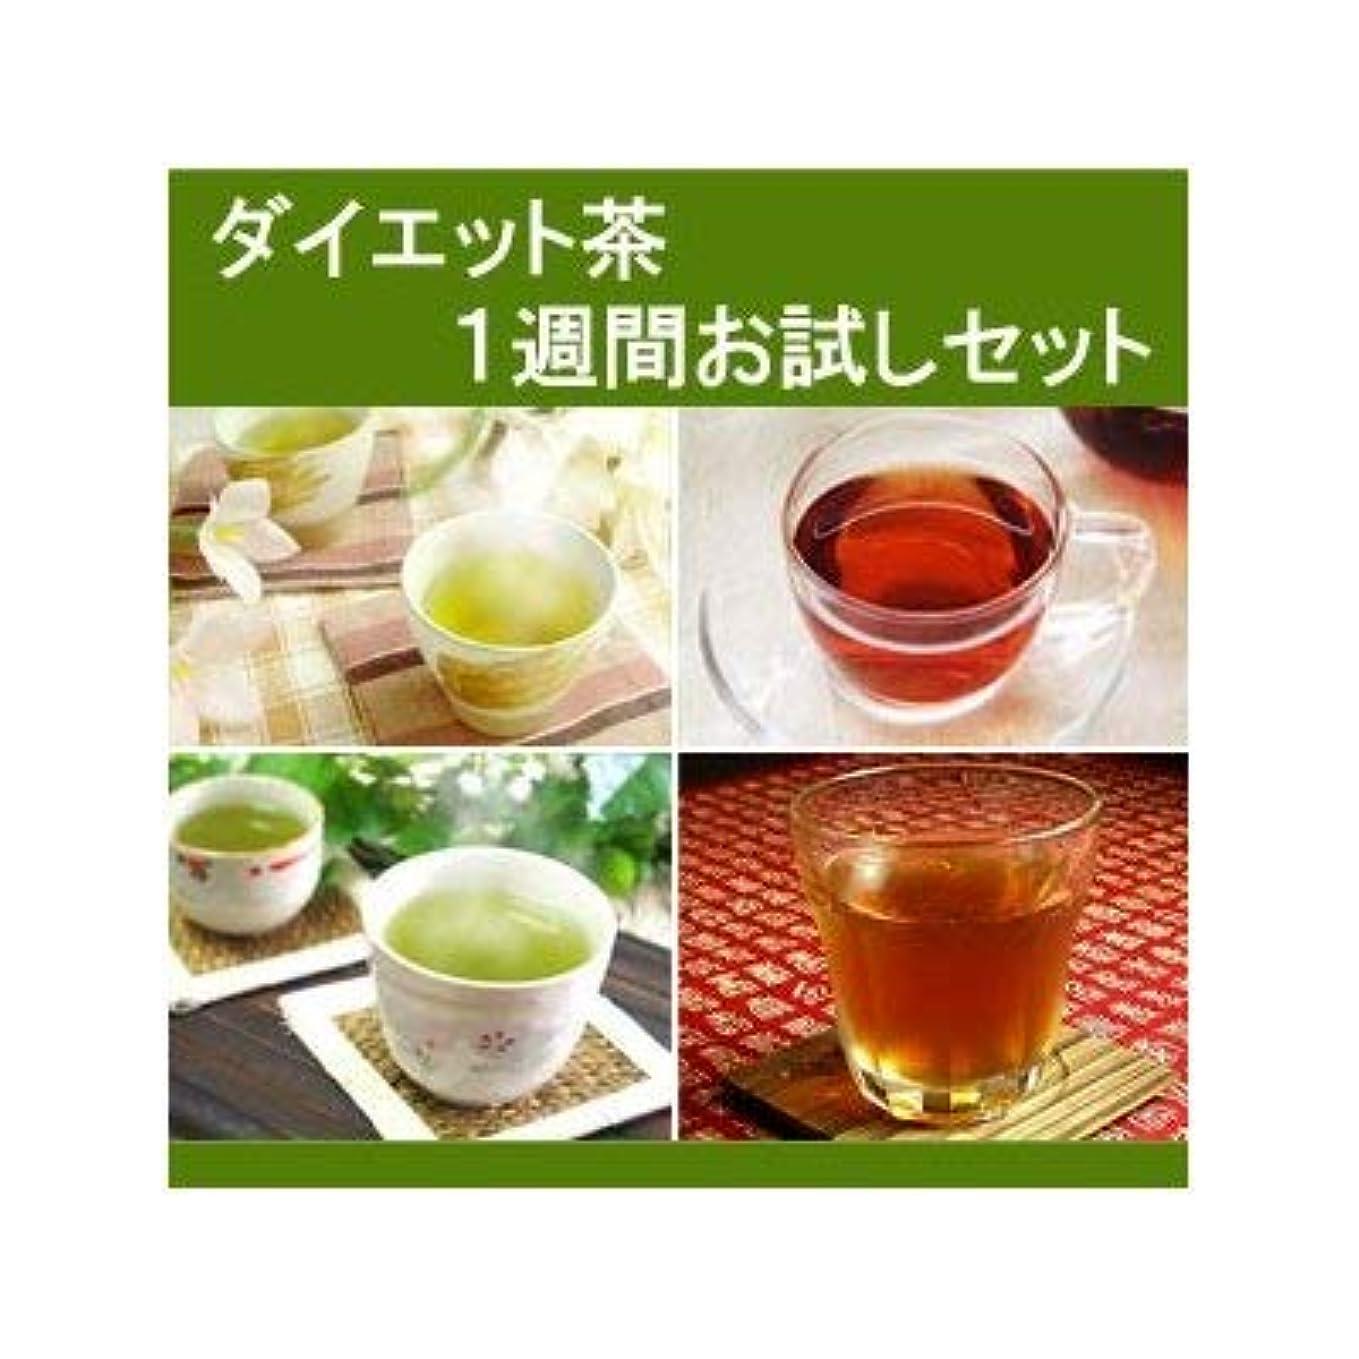 コストディーラー許可ダイエット茶1週間お試しセット